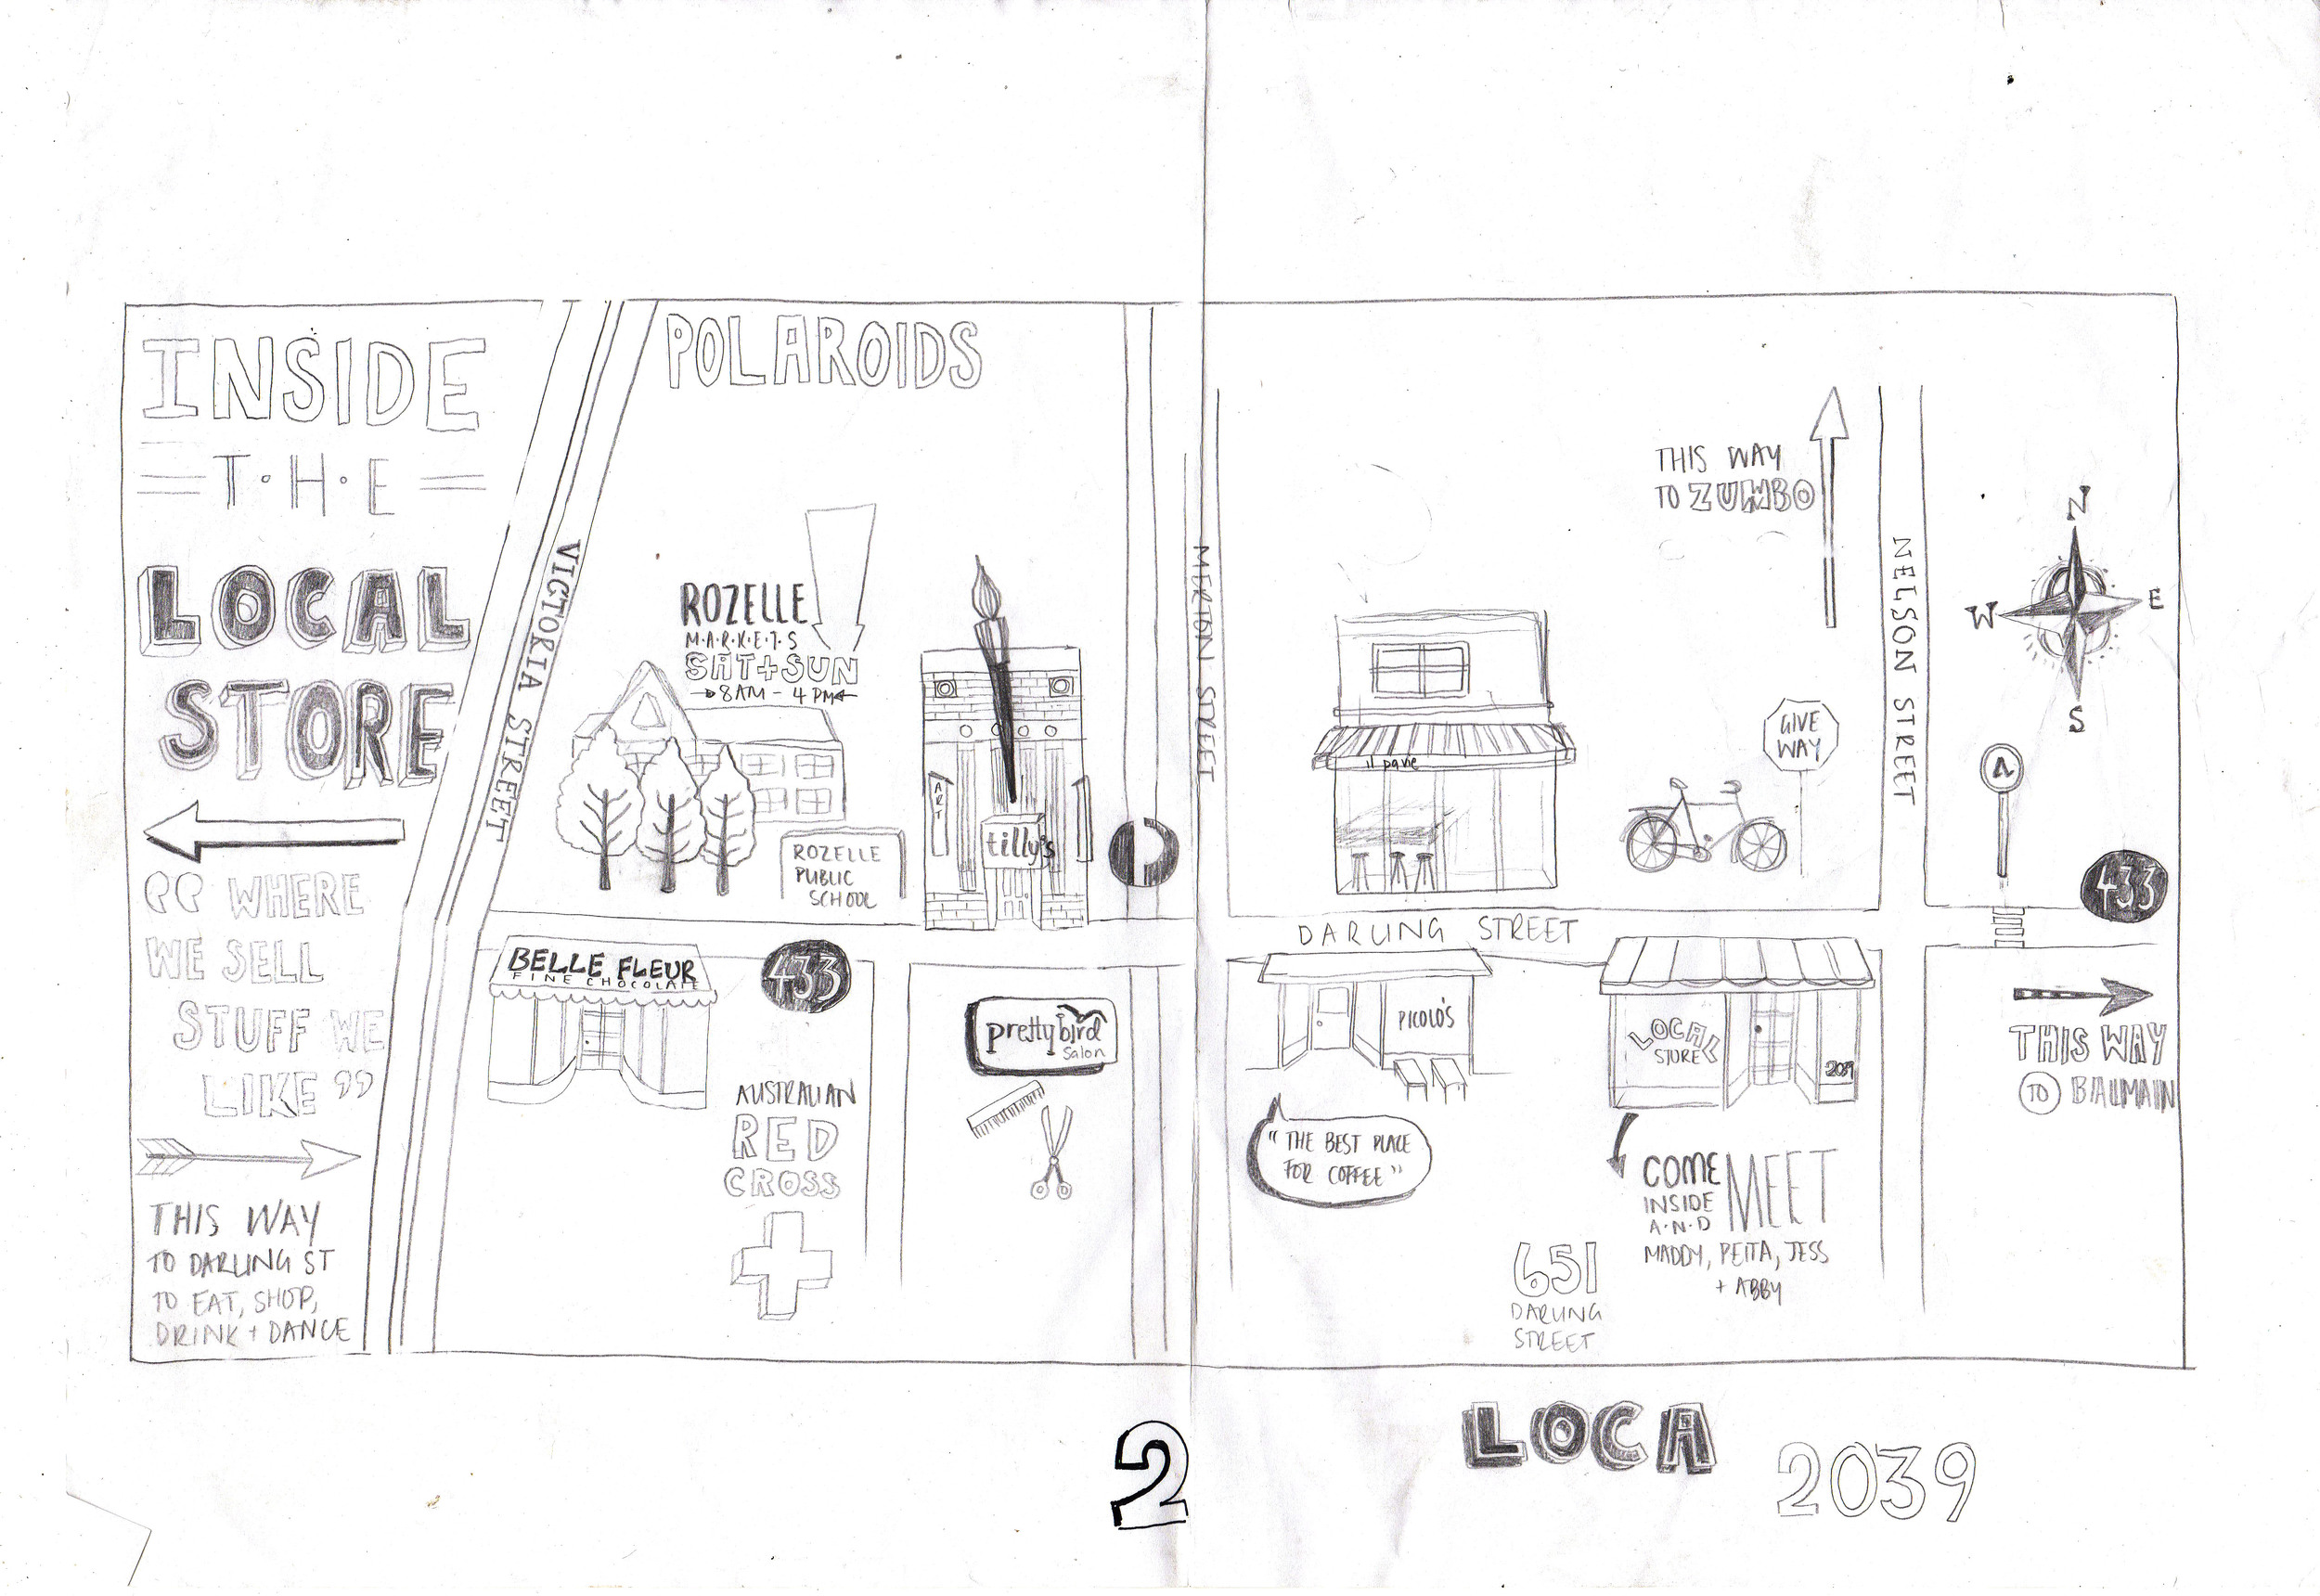 + Original sketch